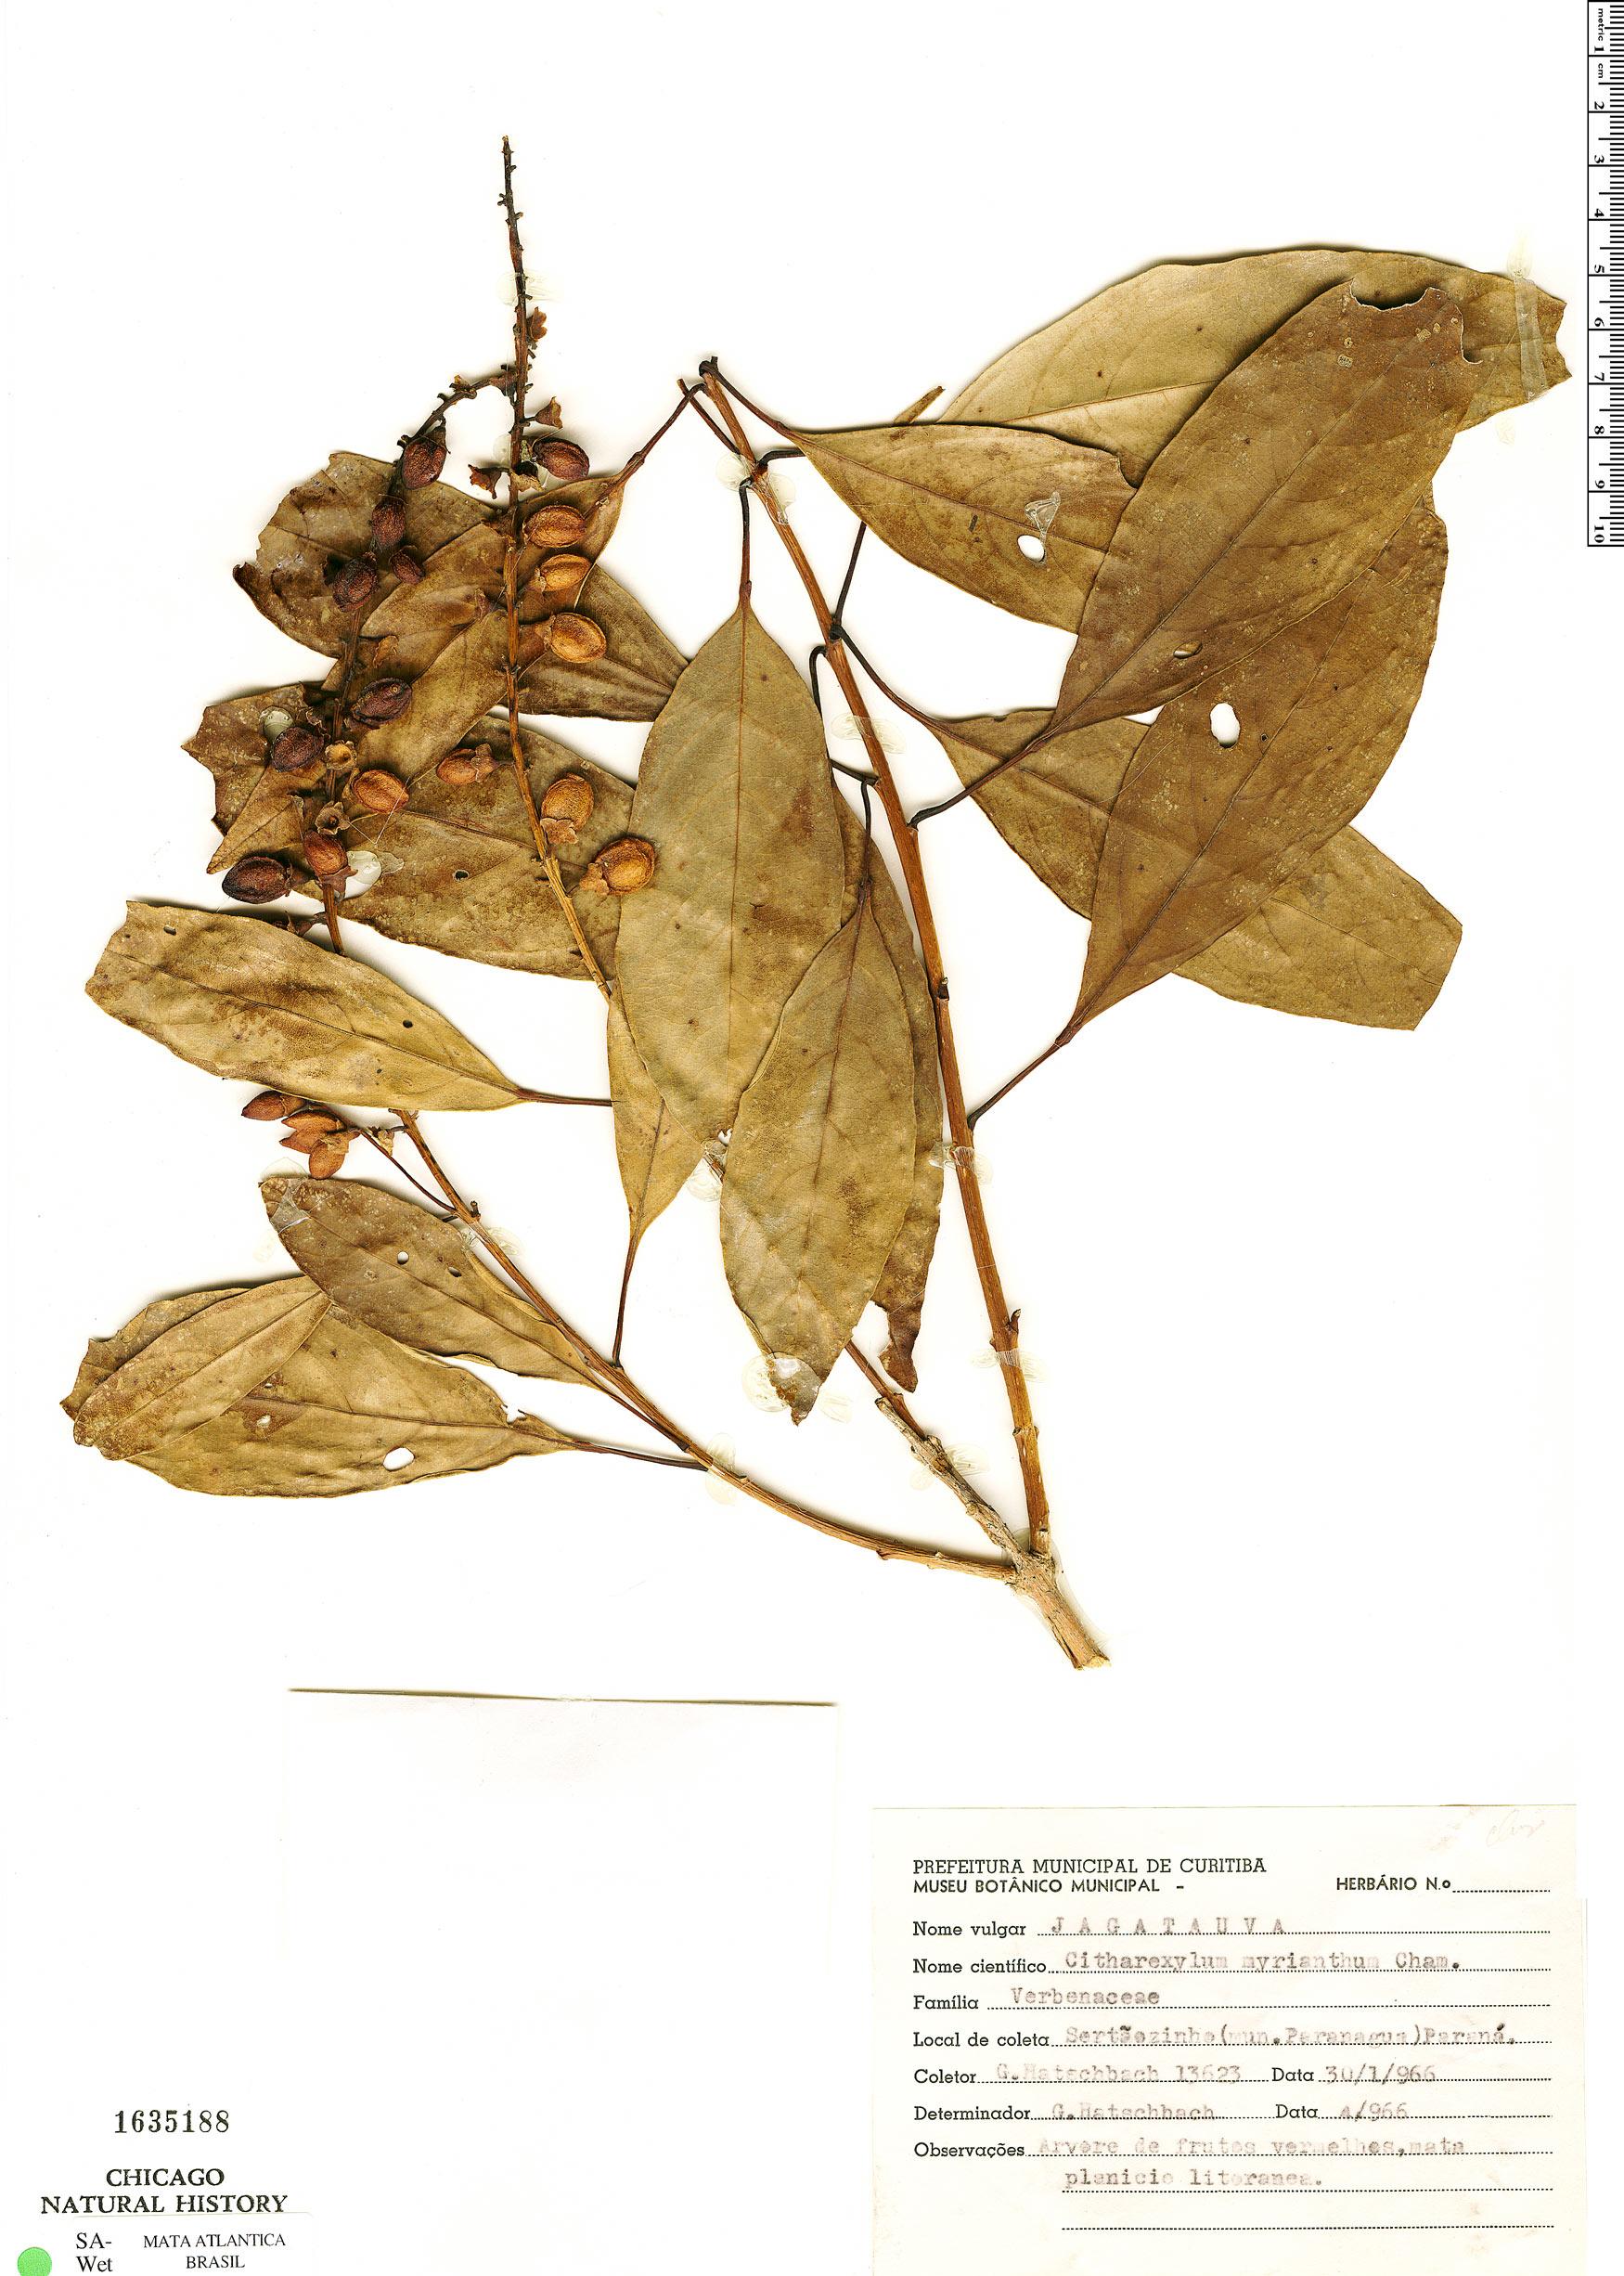 Espécimen: Citharexylum myrianthum